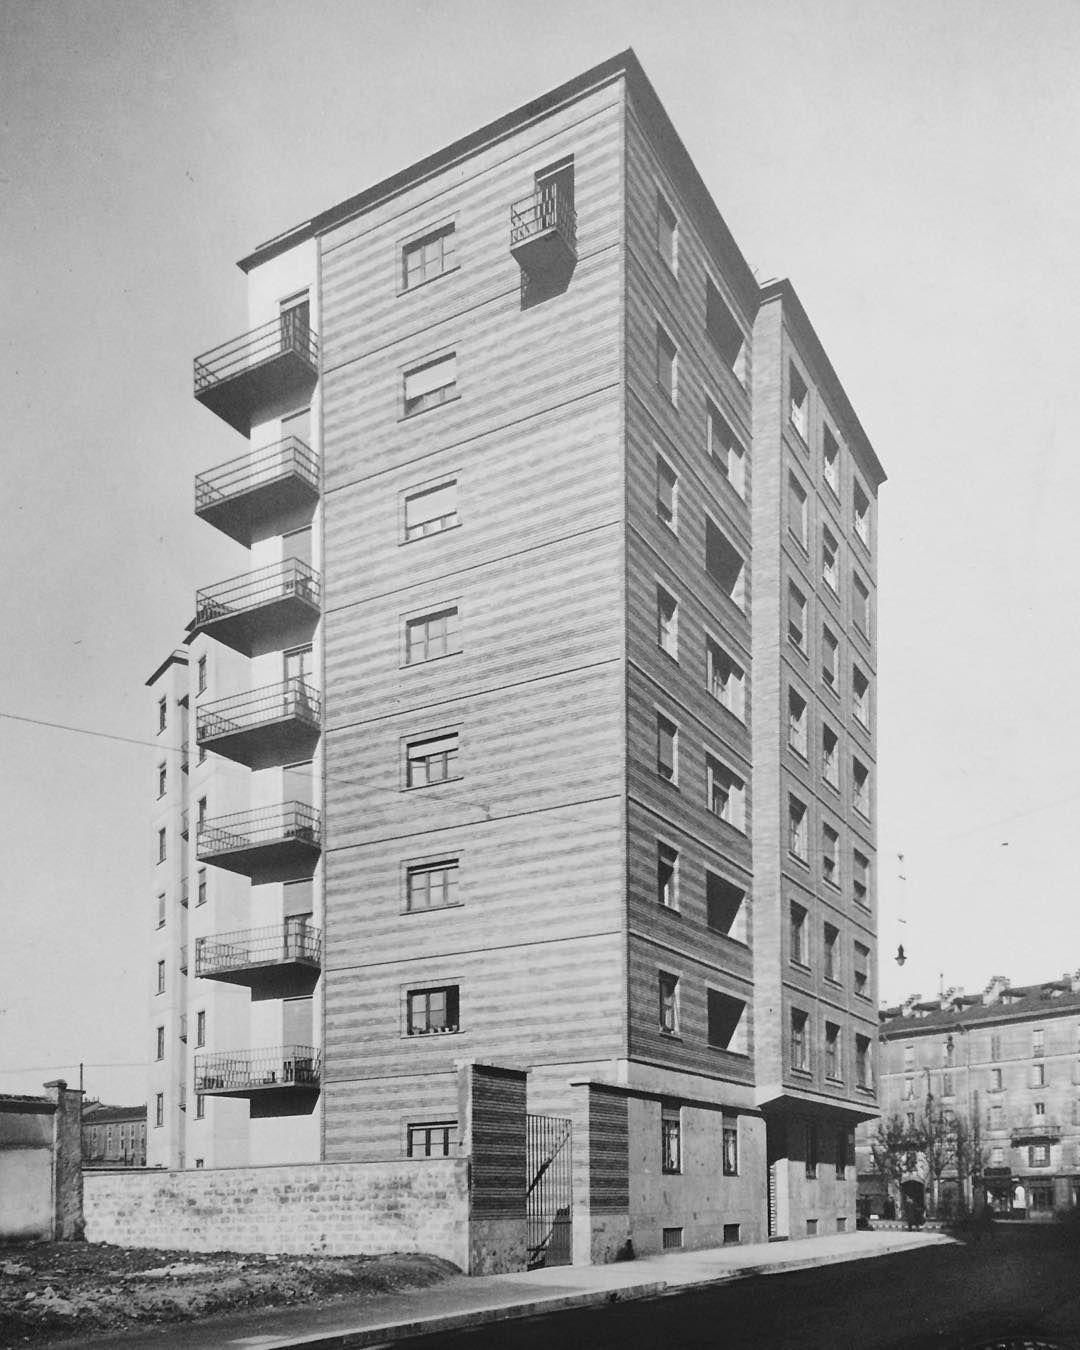 #muziomilano #viaappiani #polimi  1936 Casa dei Giornalisti I Via Montesanto 7/via Appiani 25  PARTECIPA a #MUZIOMILANO.  Scopri fotografa e condivisi su IG oltre 50 edifici progettati da Giovanni Muzio lungo il Novecento. Da Ca' Brütta alla Triennale. _________________________  #muziomilano è un'iniziativa di #archiviomuzio e @polimi in collaborazione con Ordine Architetti Milano @fondazionearchitettimi #casabella #AlumniPolimi. Scopri come partecipare cliccando il link in bio…